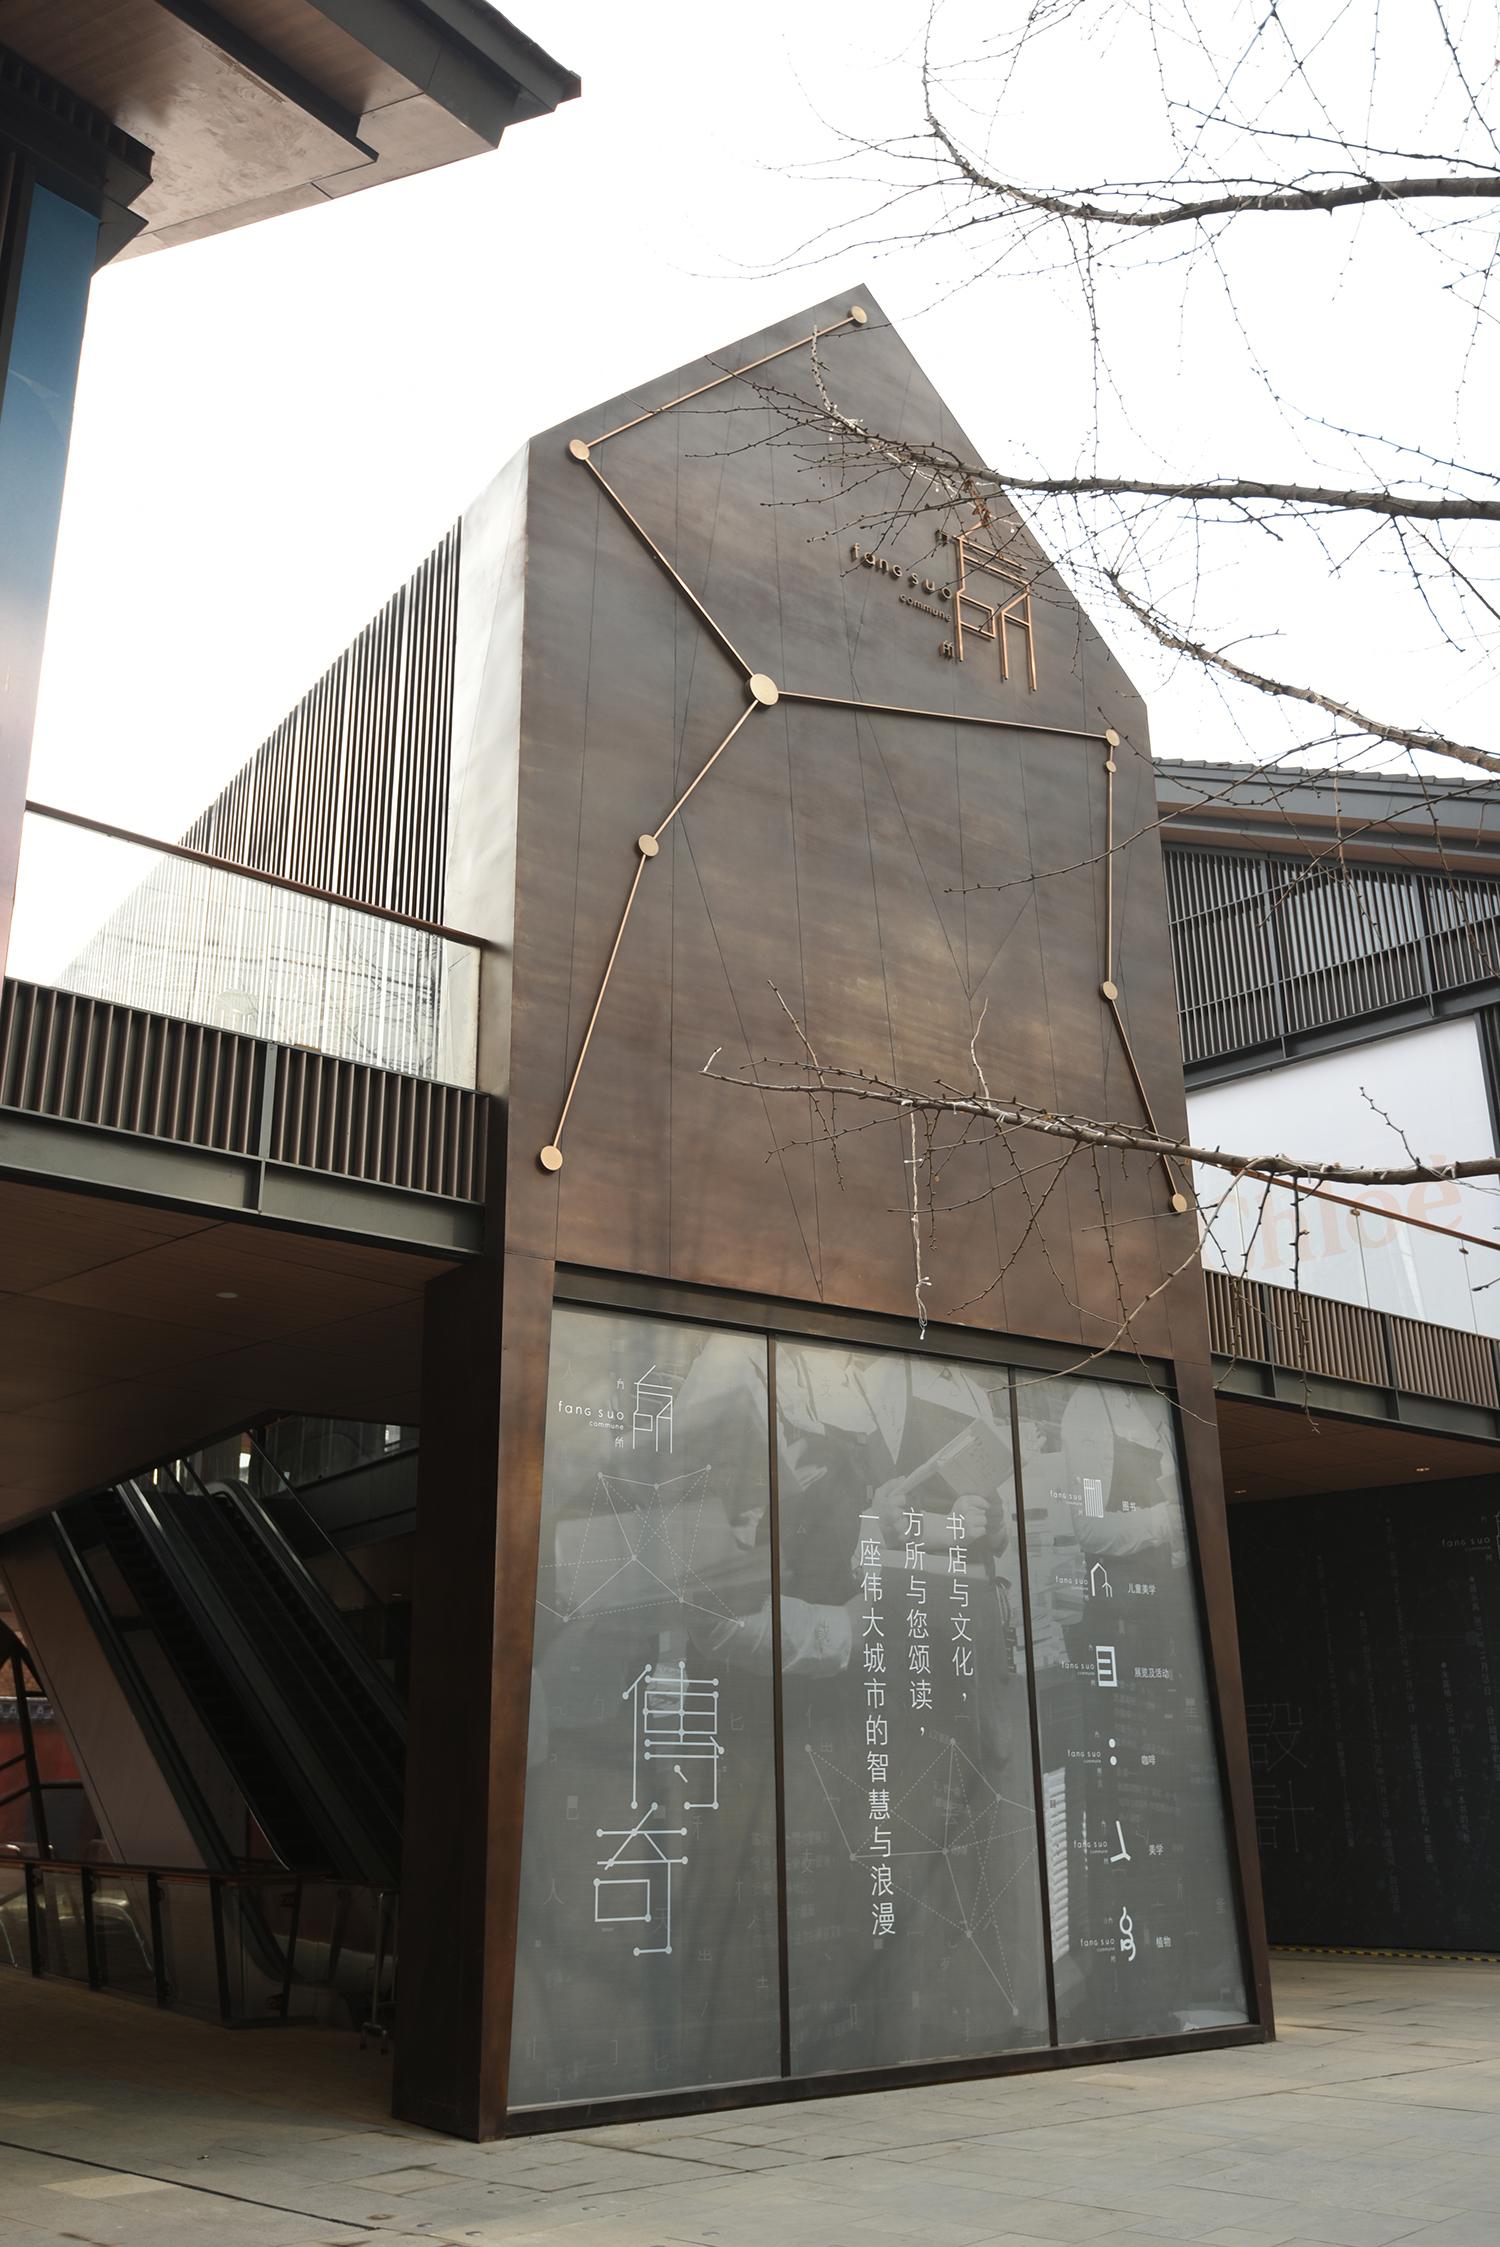 CHU_CHIH_KANG-chengdu-fangsuo-bookstore-hisheji (4)